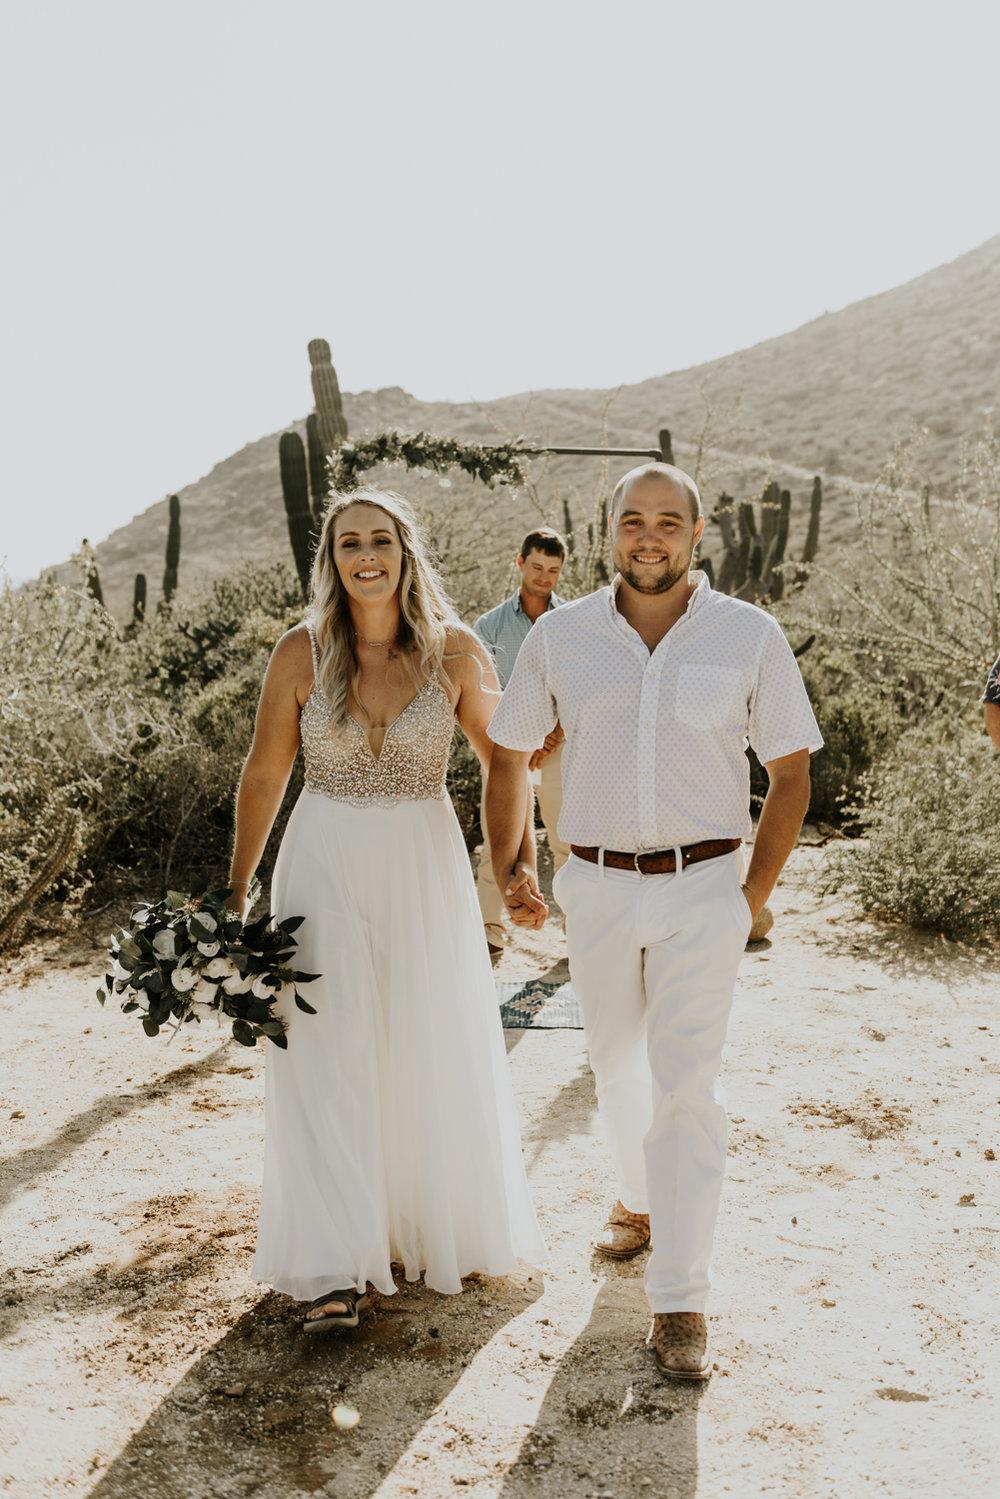 Intimate Wedding Ceremony photos in Todos Santos, Baja California Sur, Mexico